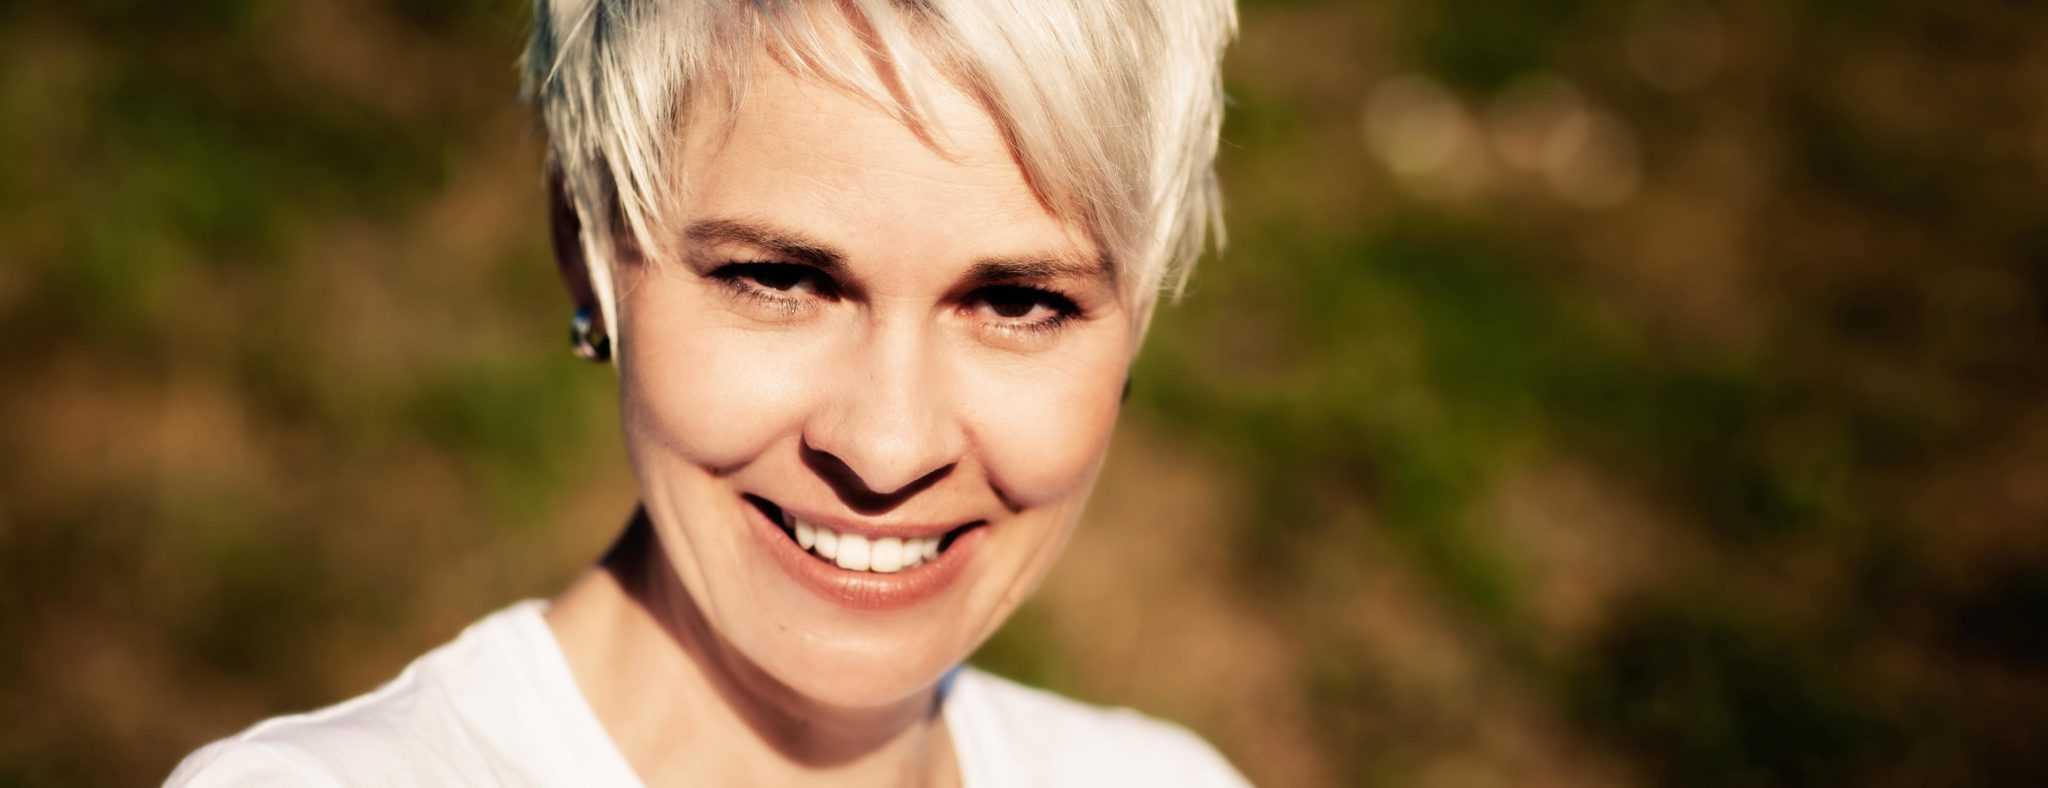 """Bettina Sturm vom FoodPreneur-Blog """"Respekt Herr Specht"""" mit Reflexion über 2015 und Ausblick auf 2016: """"Jetzt wird aus meinem Herzensprojekt ein Business"""""""